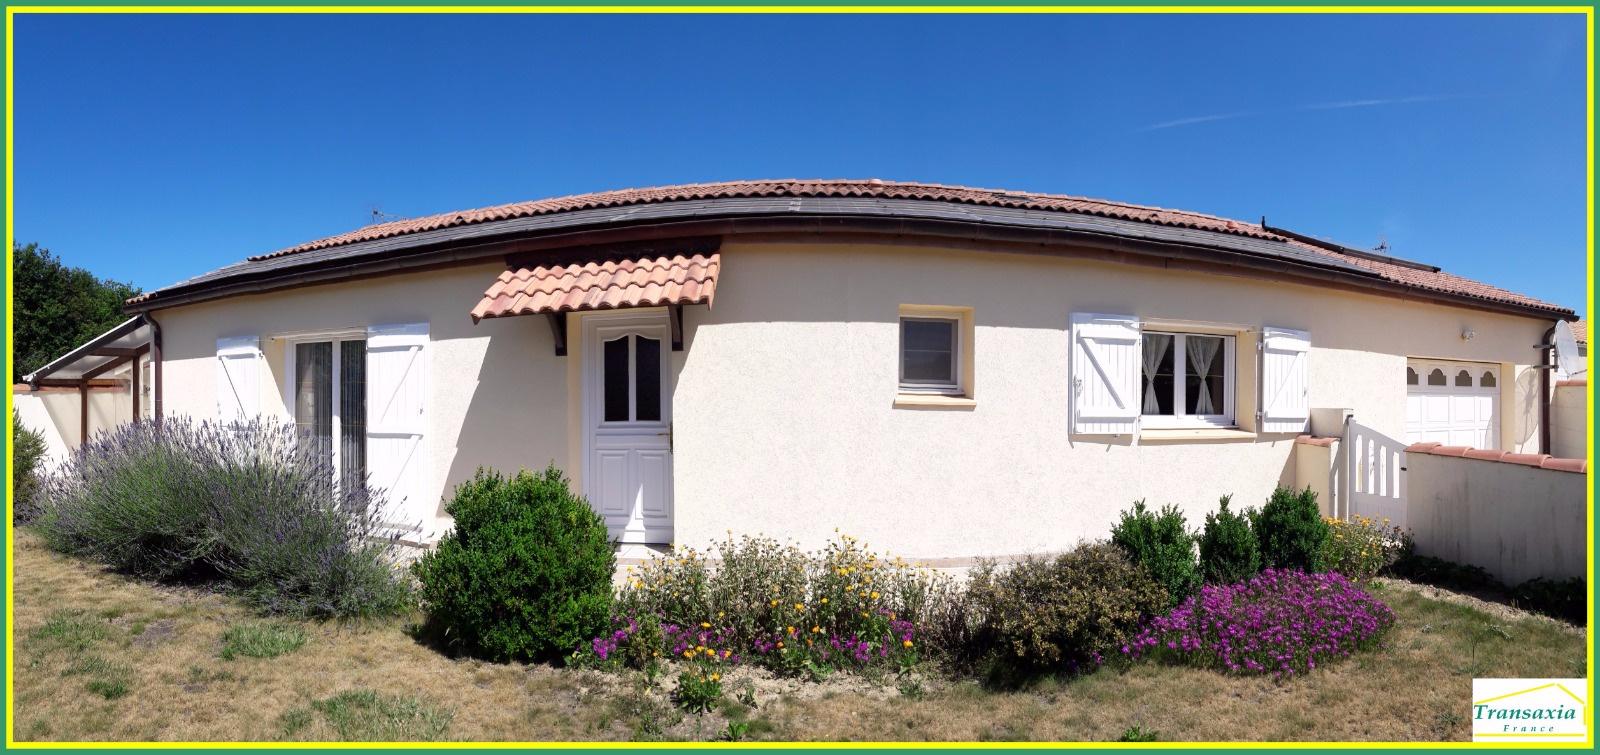 Annonce vente maison grosbreuil 85440 125 m 268 000 for Vente maison a